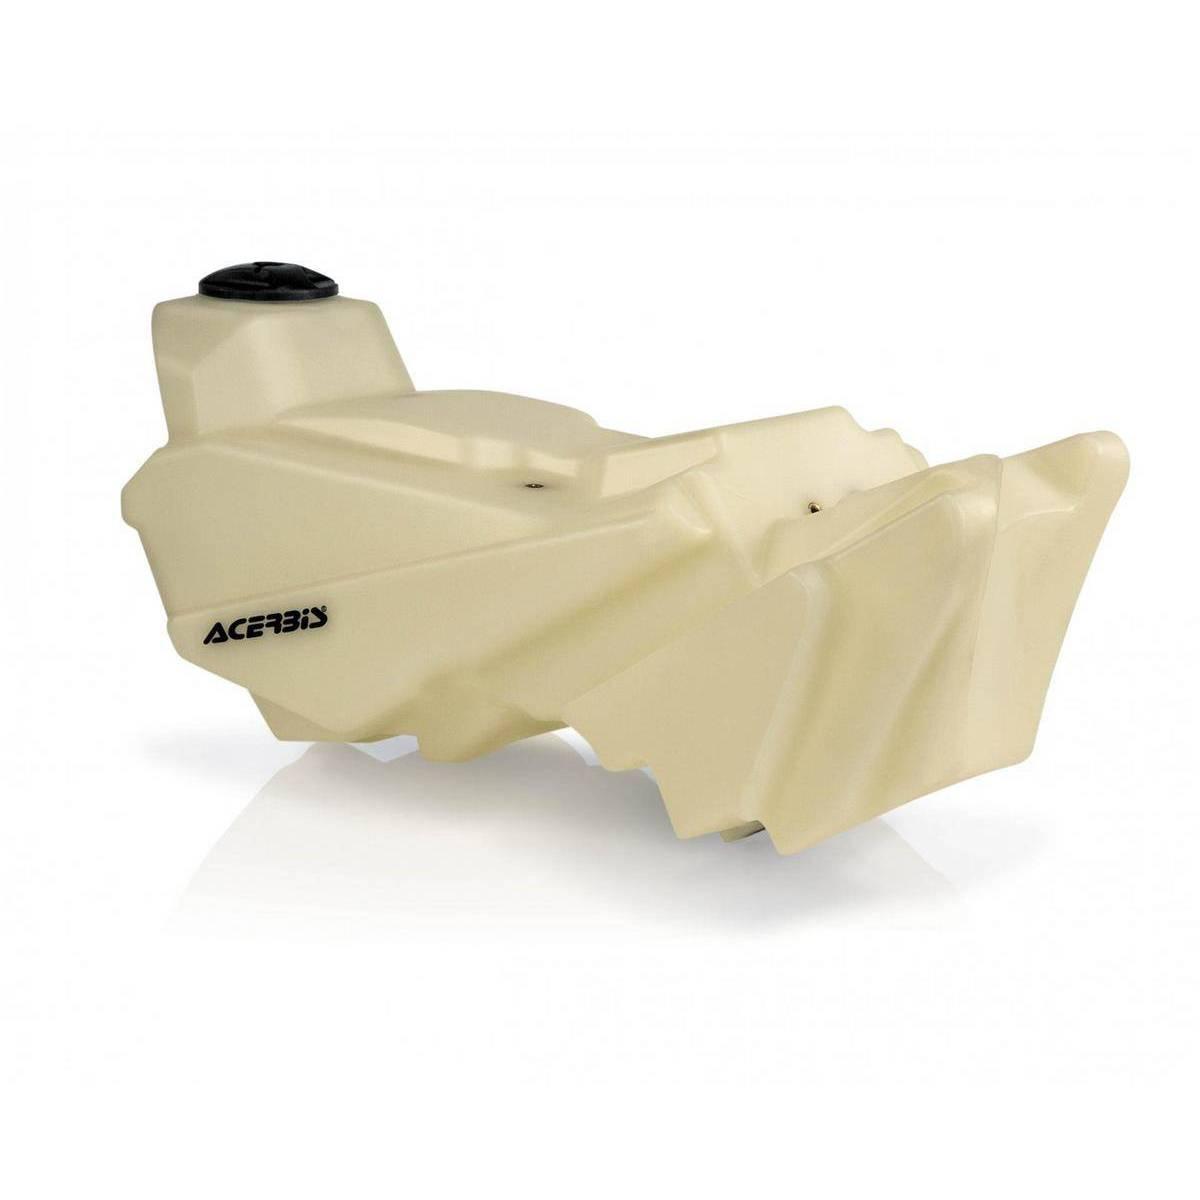 Depósito Acerbis Yamaha YZF250 14-18 YZF450 14-17 11.3Litros TRANSPARENTE